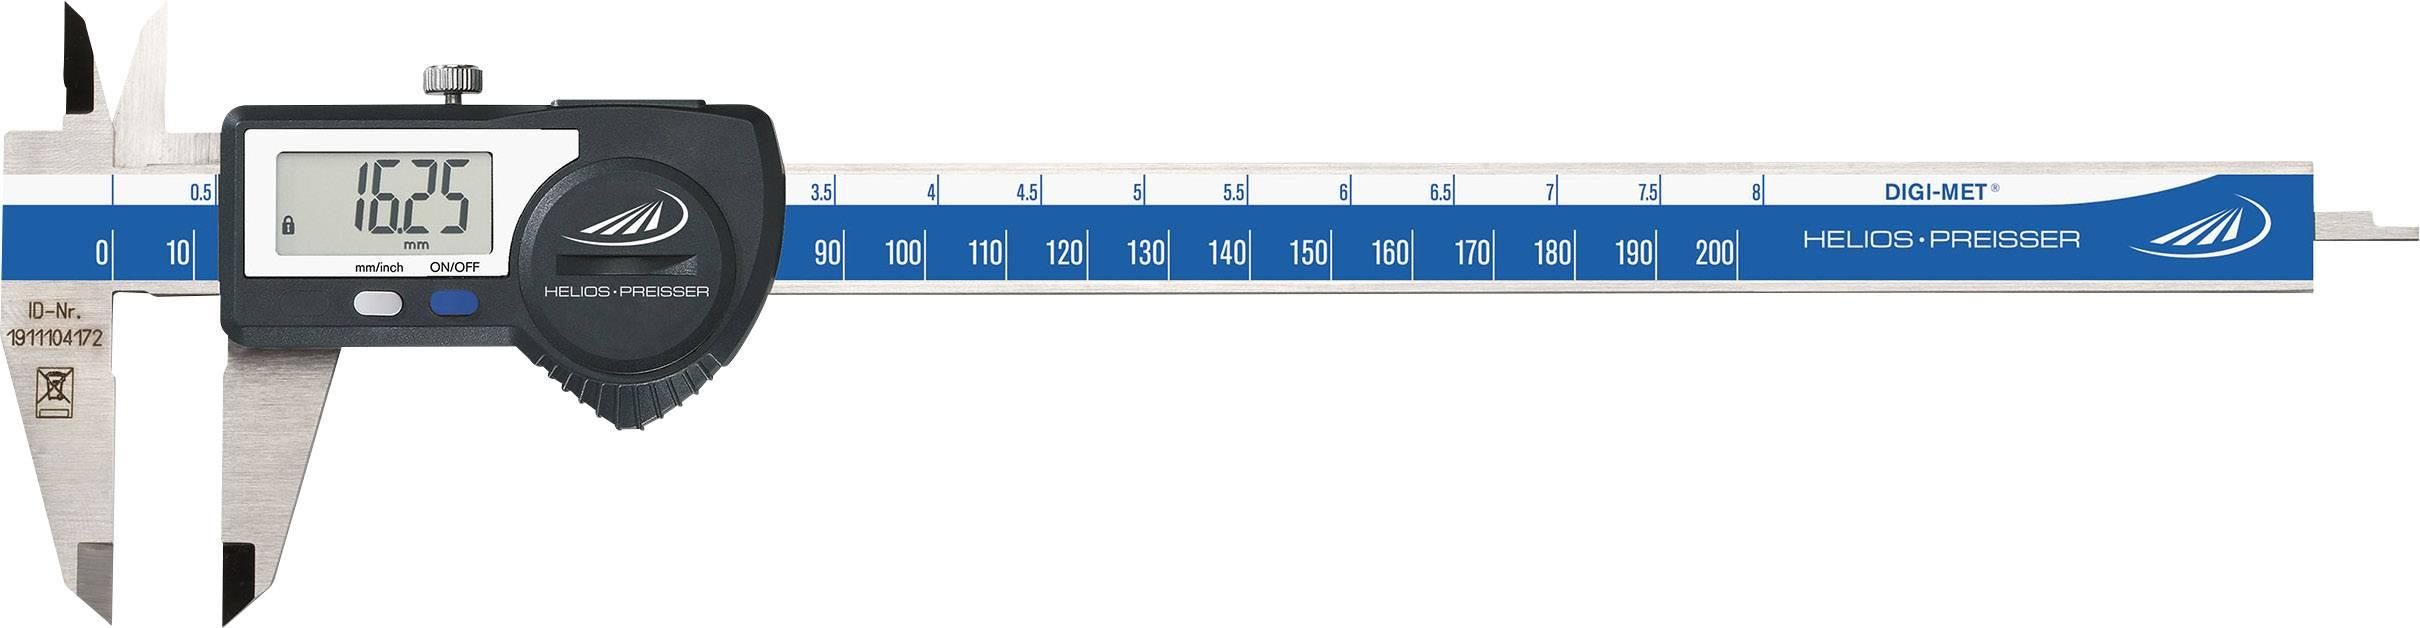 Digitální posuvné měřítko Helios Preisser DIGI-MET 1320 519, měřicí rozsah 200 mm